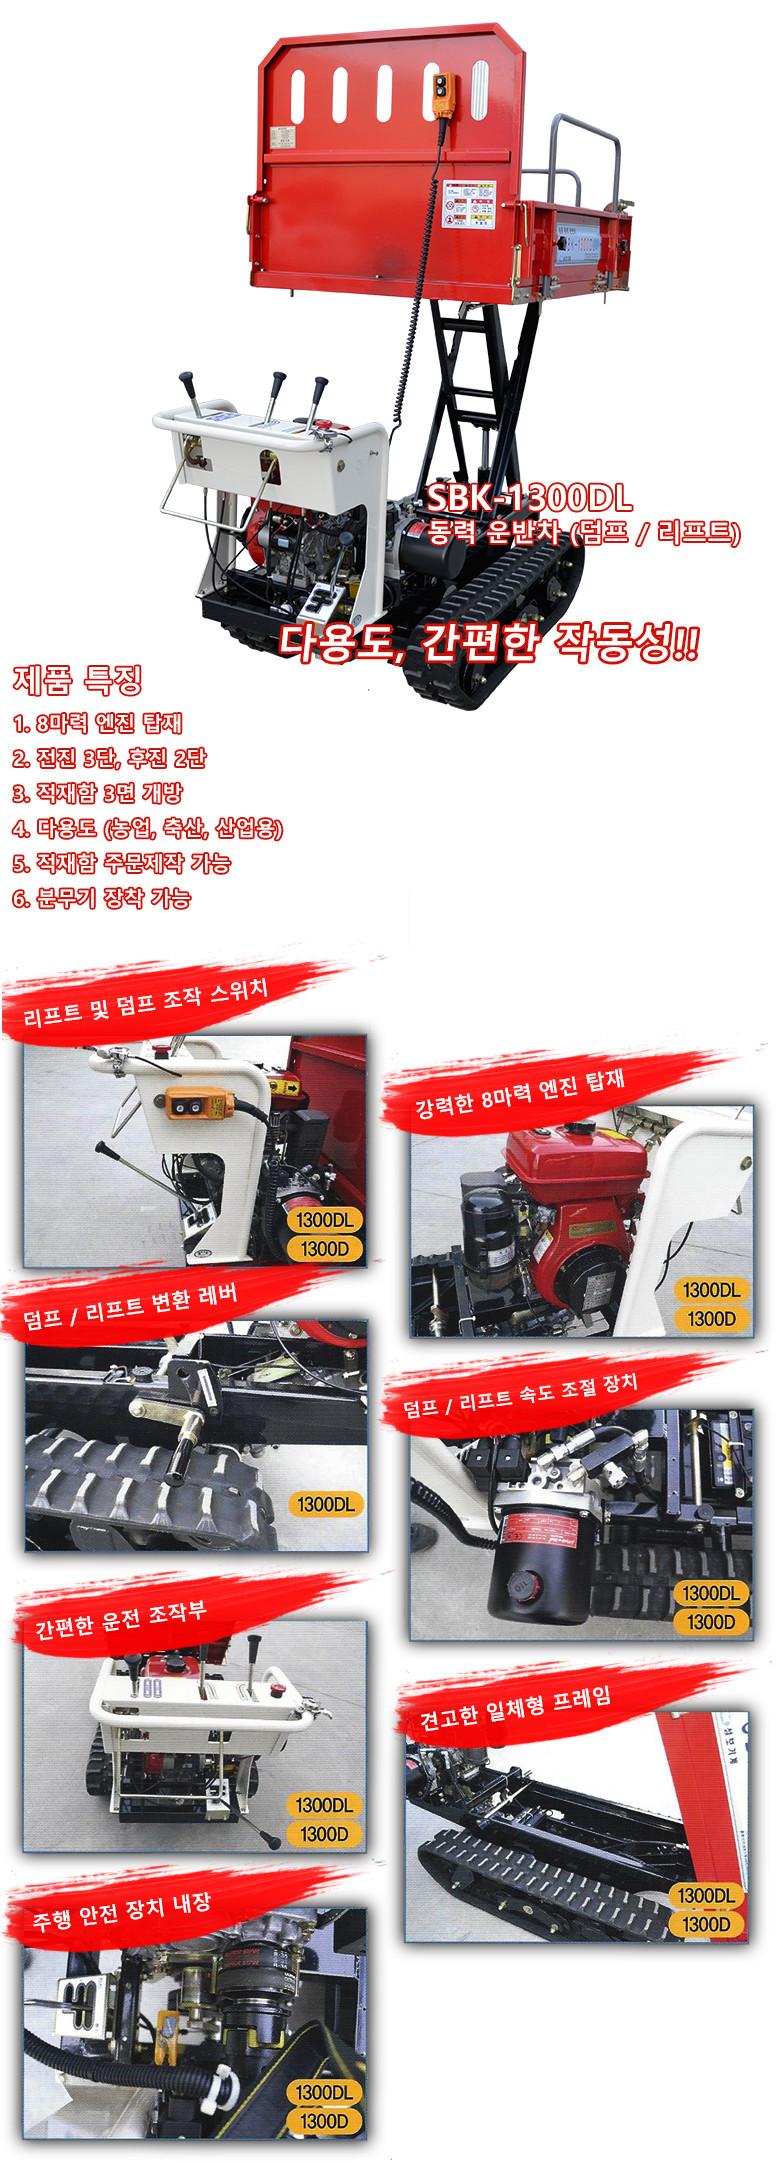 성보기계 덤프 리프트 겸용 SBK-1300DL